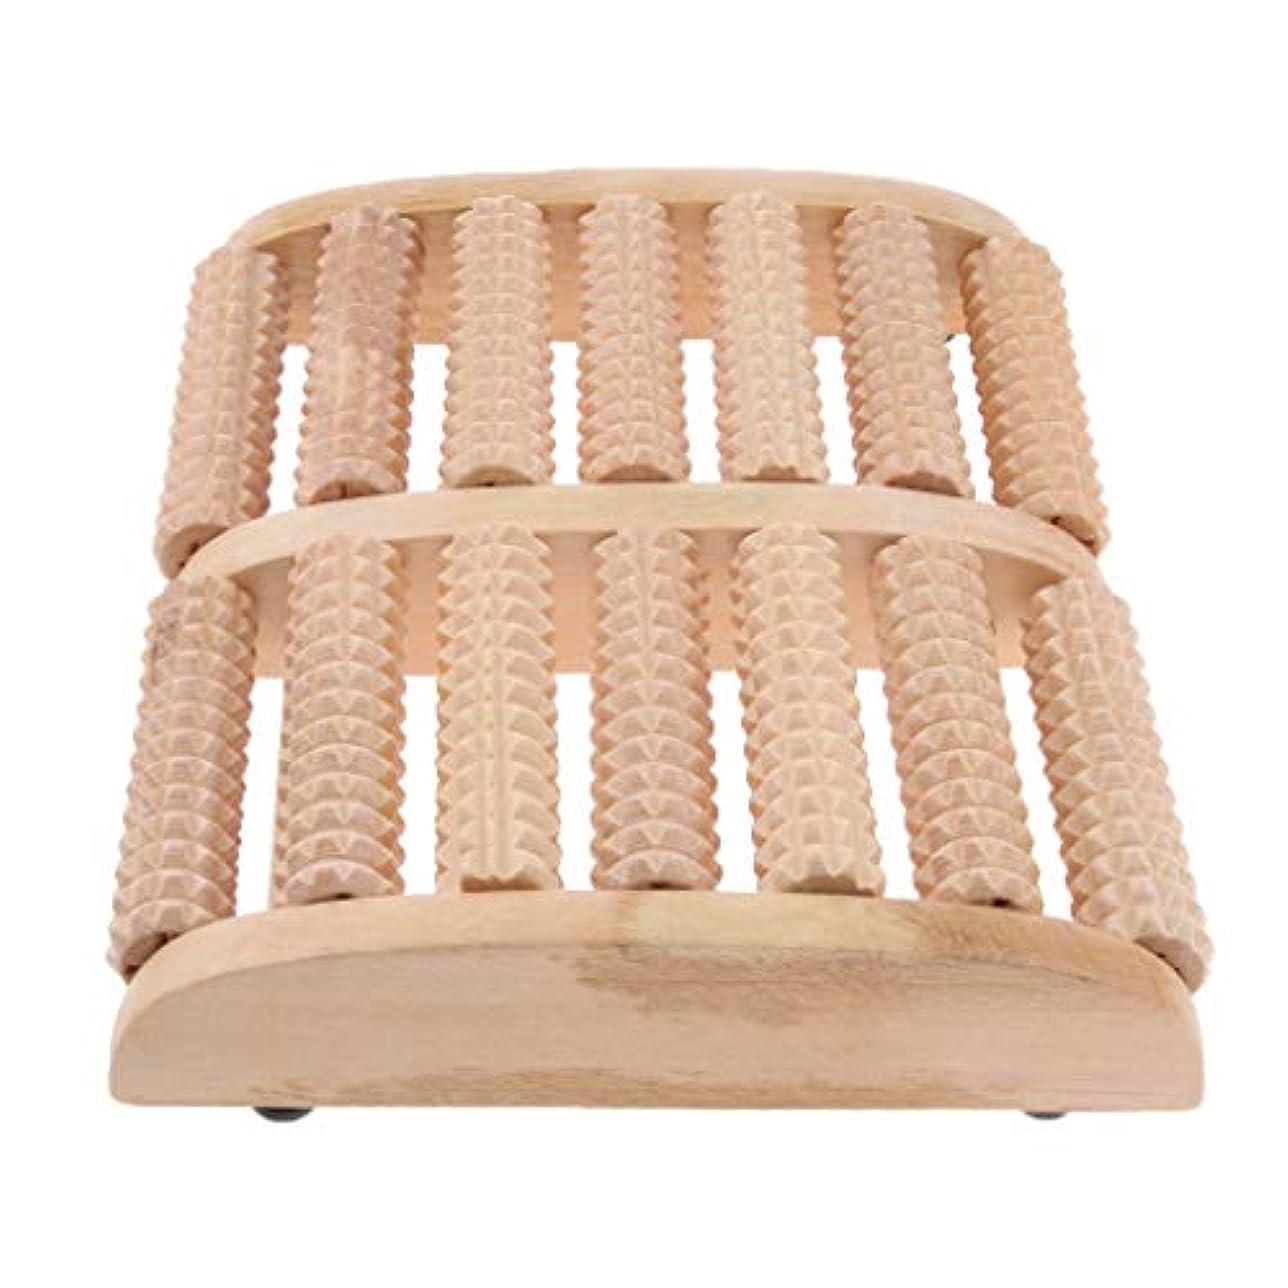 悪因子最終給料IPOTCH マッサージローラー 7行 自然木製 足踏み フットマッサージ ツボ押し 痛み緩和 健康器具 高品質